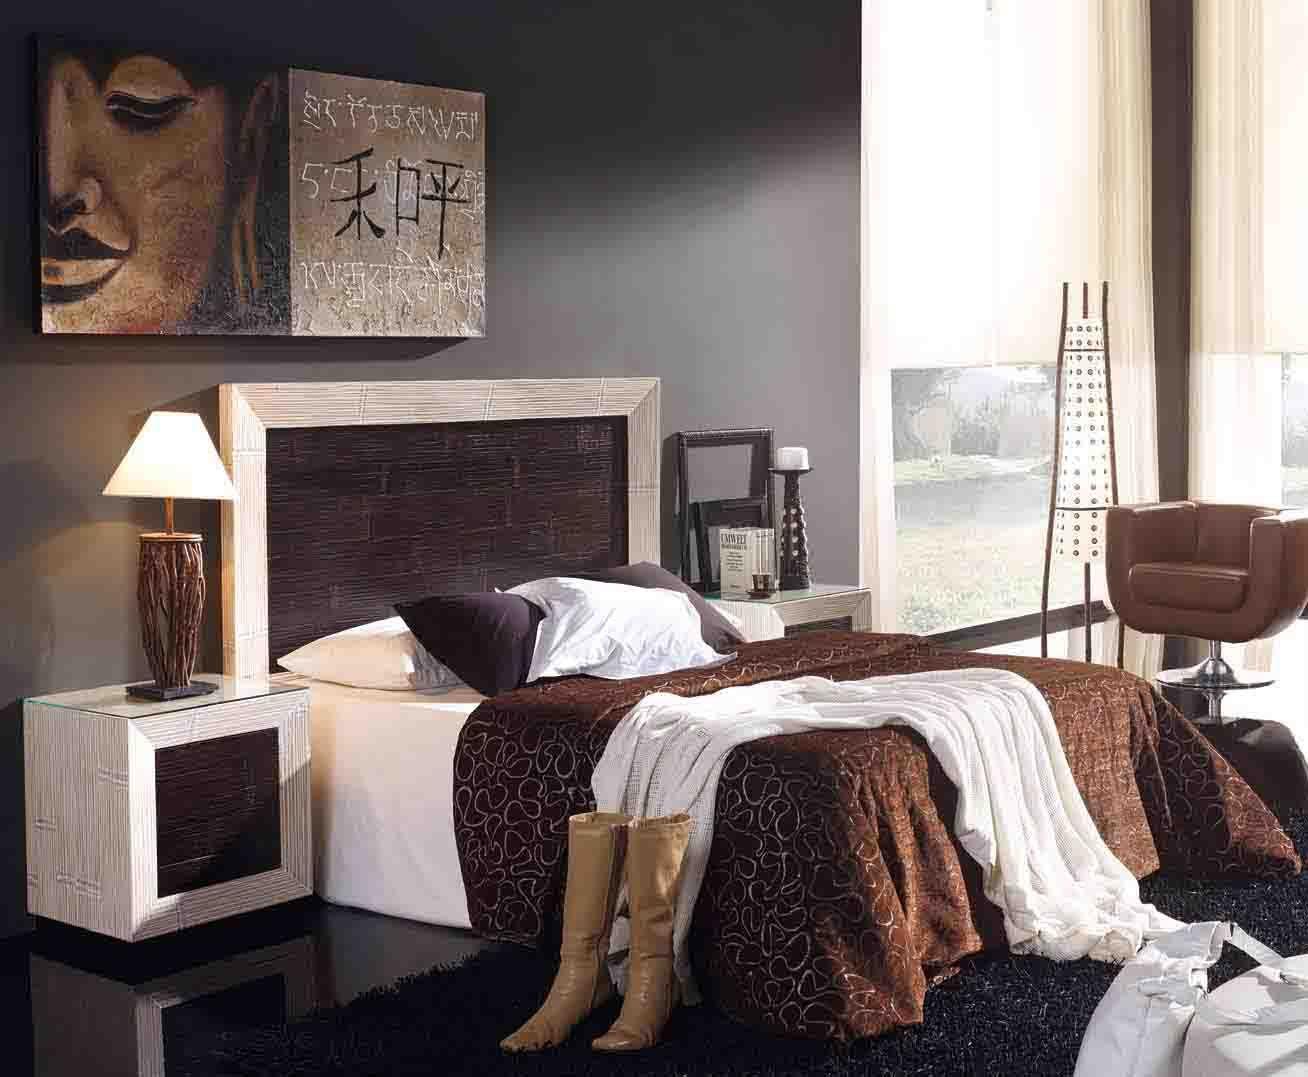 Kopfende soho aus bambus dekoration beltr n ihr webshop f r kopfteile aus holz schlafzimmer - Schlafzimmer afrika style ...